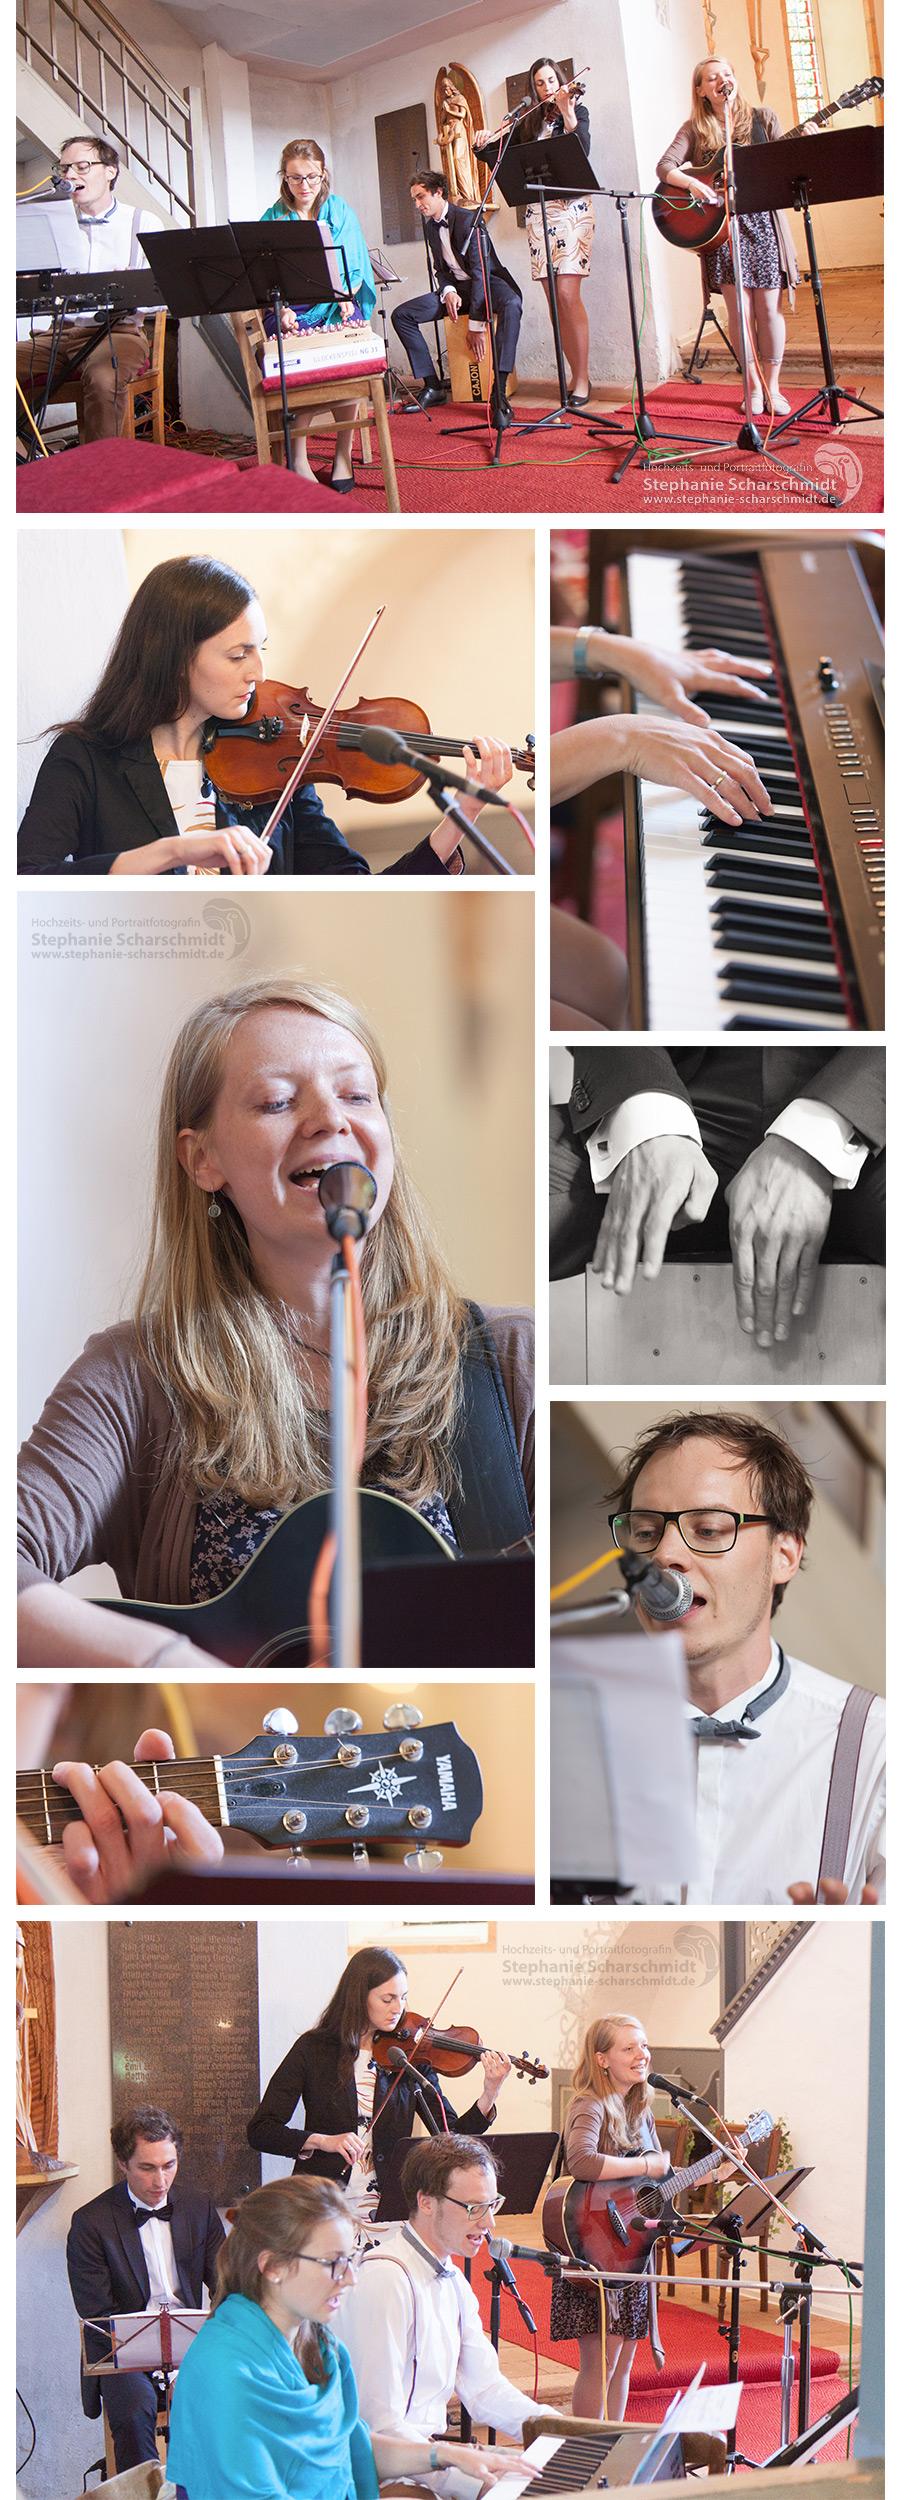 Hochzeitsfotos Zwickau moderne Kirchenmusik auf Hochzeiten - Hochzeitsfotograf-Zwickau-Stephanie-Scharschmidt